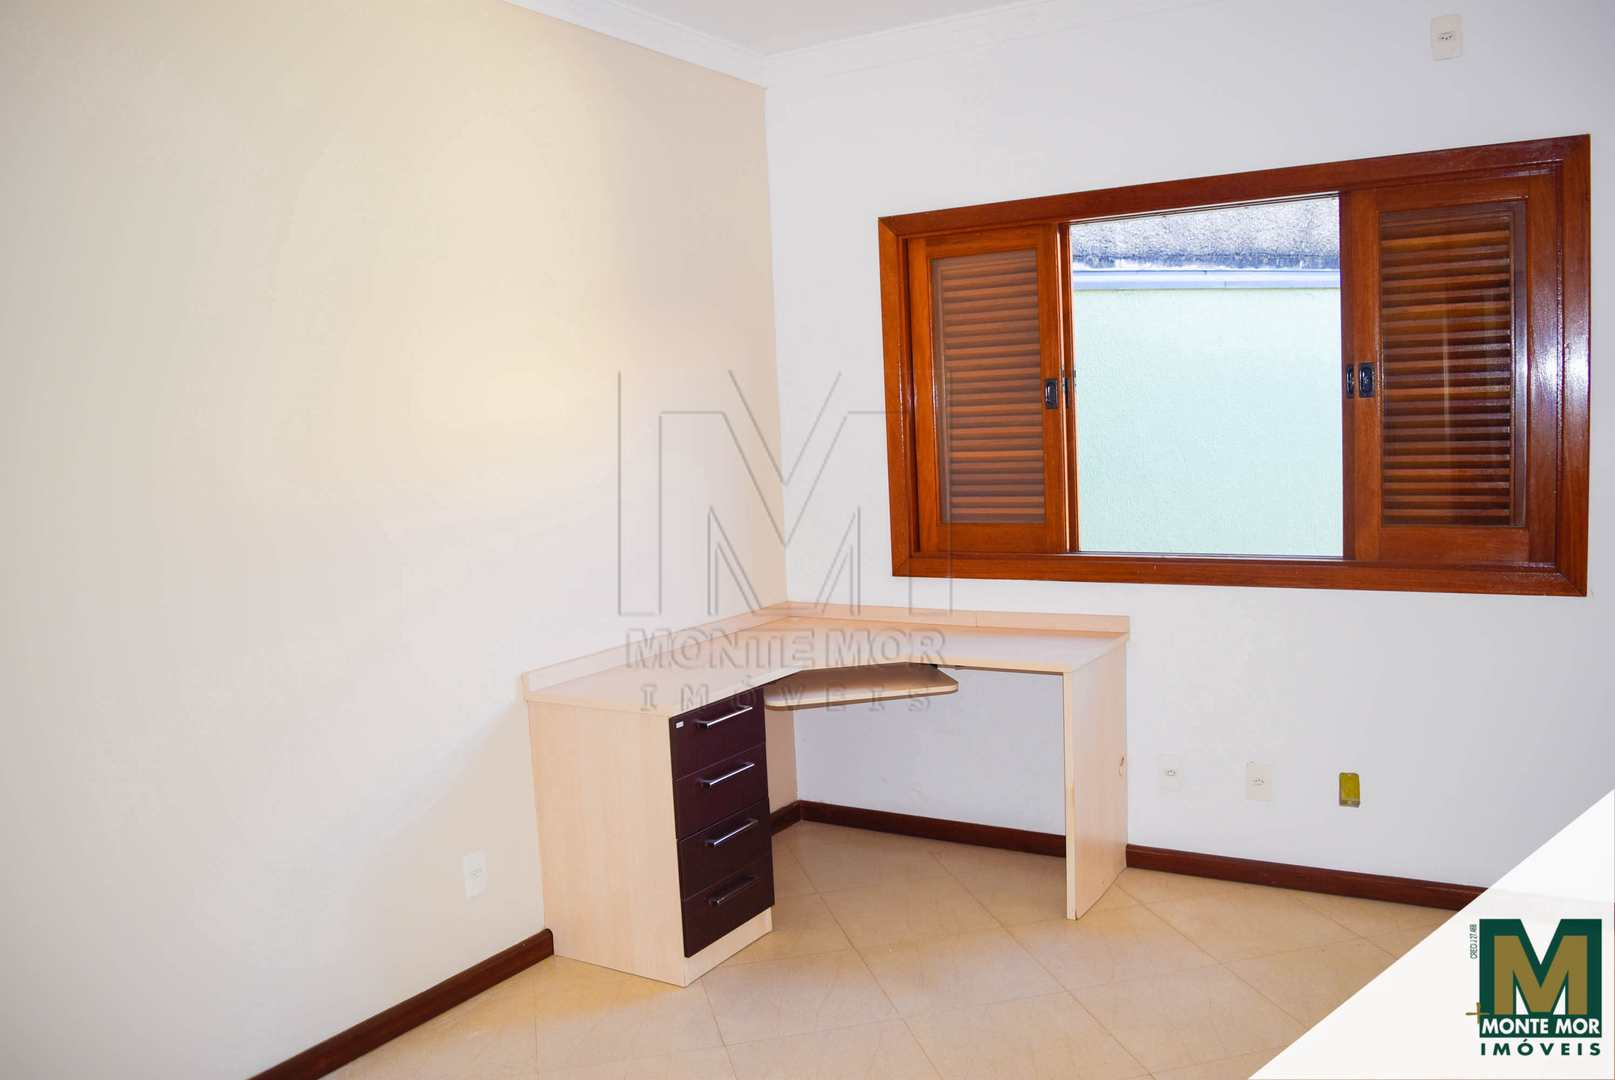 Casa com 03 dorm - Jardim Vista Alegre - Monte Mor